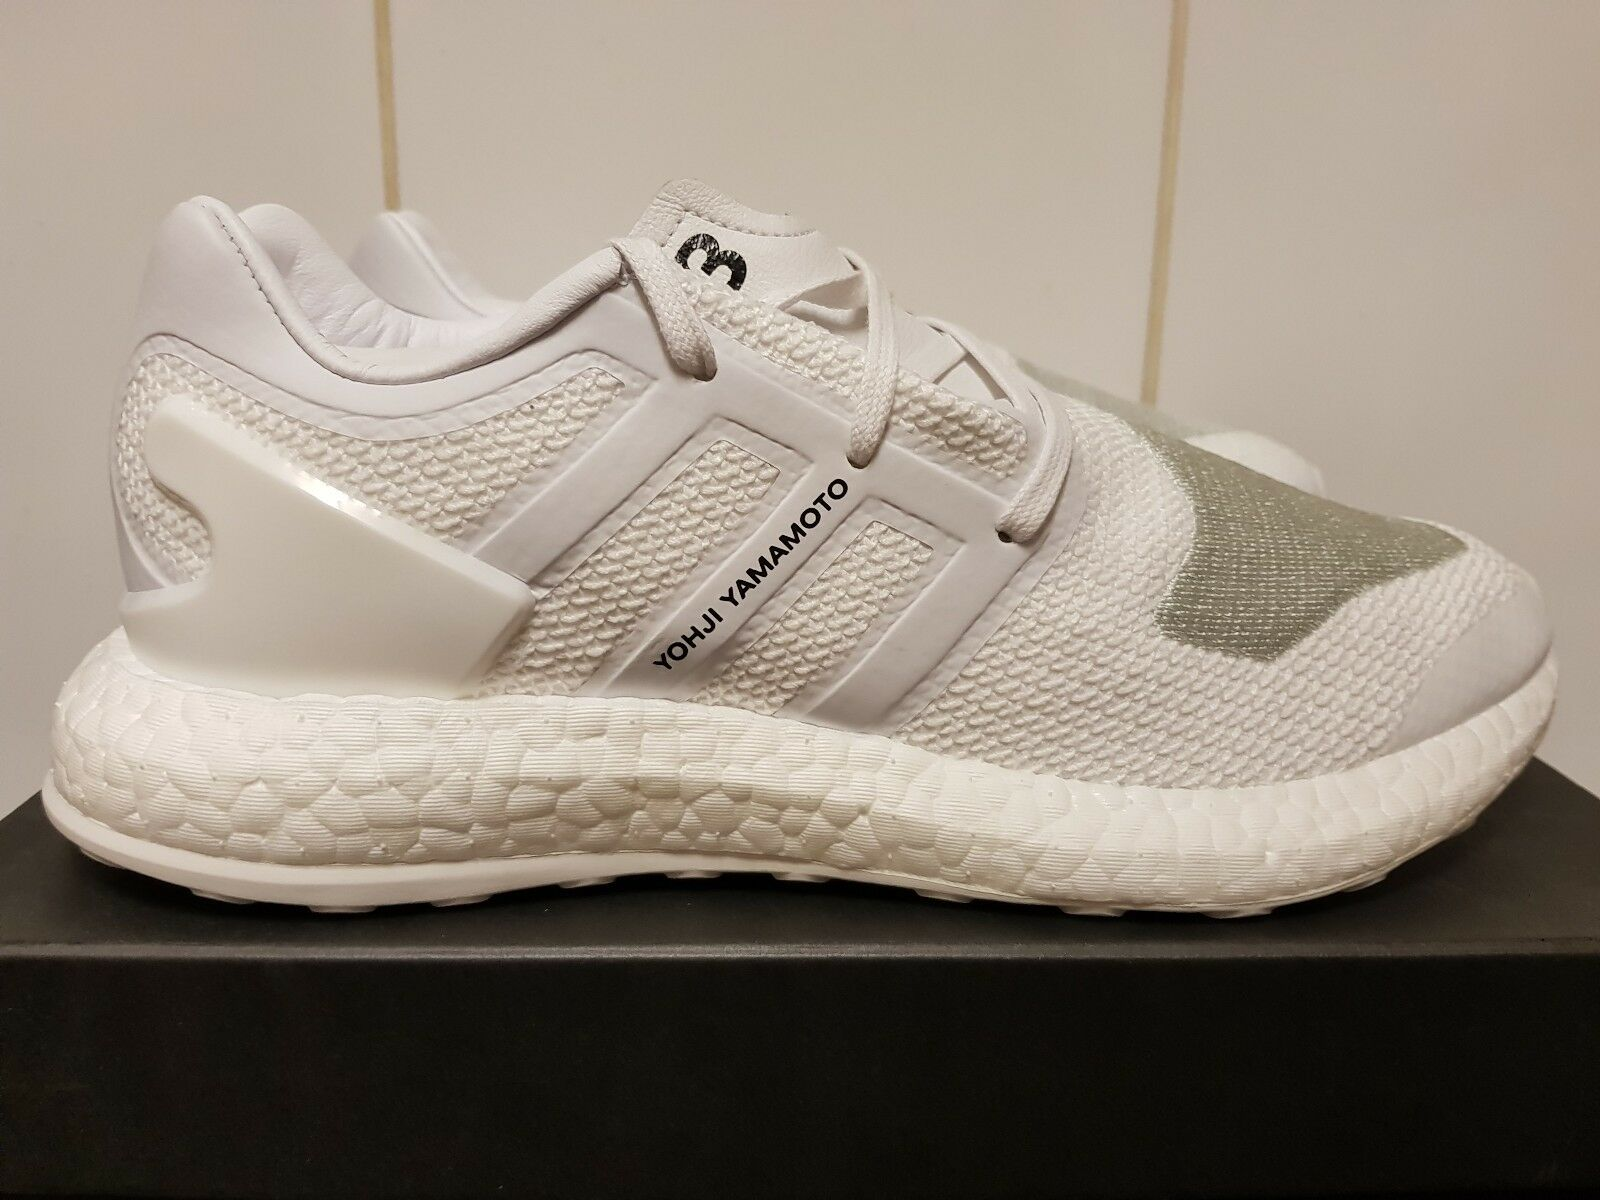 Adidas Y-3 Pure Bottes   ZG Knit Triple Blanc Y3 BY89556 US 6.5 Pure Boost